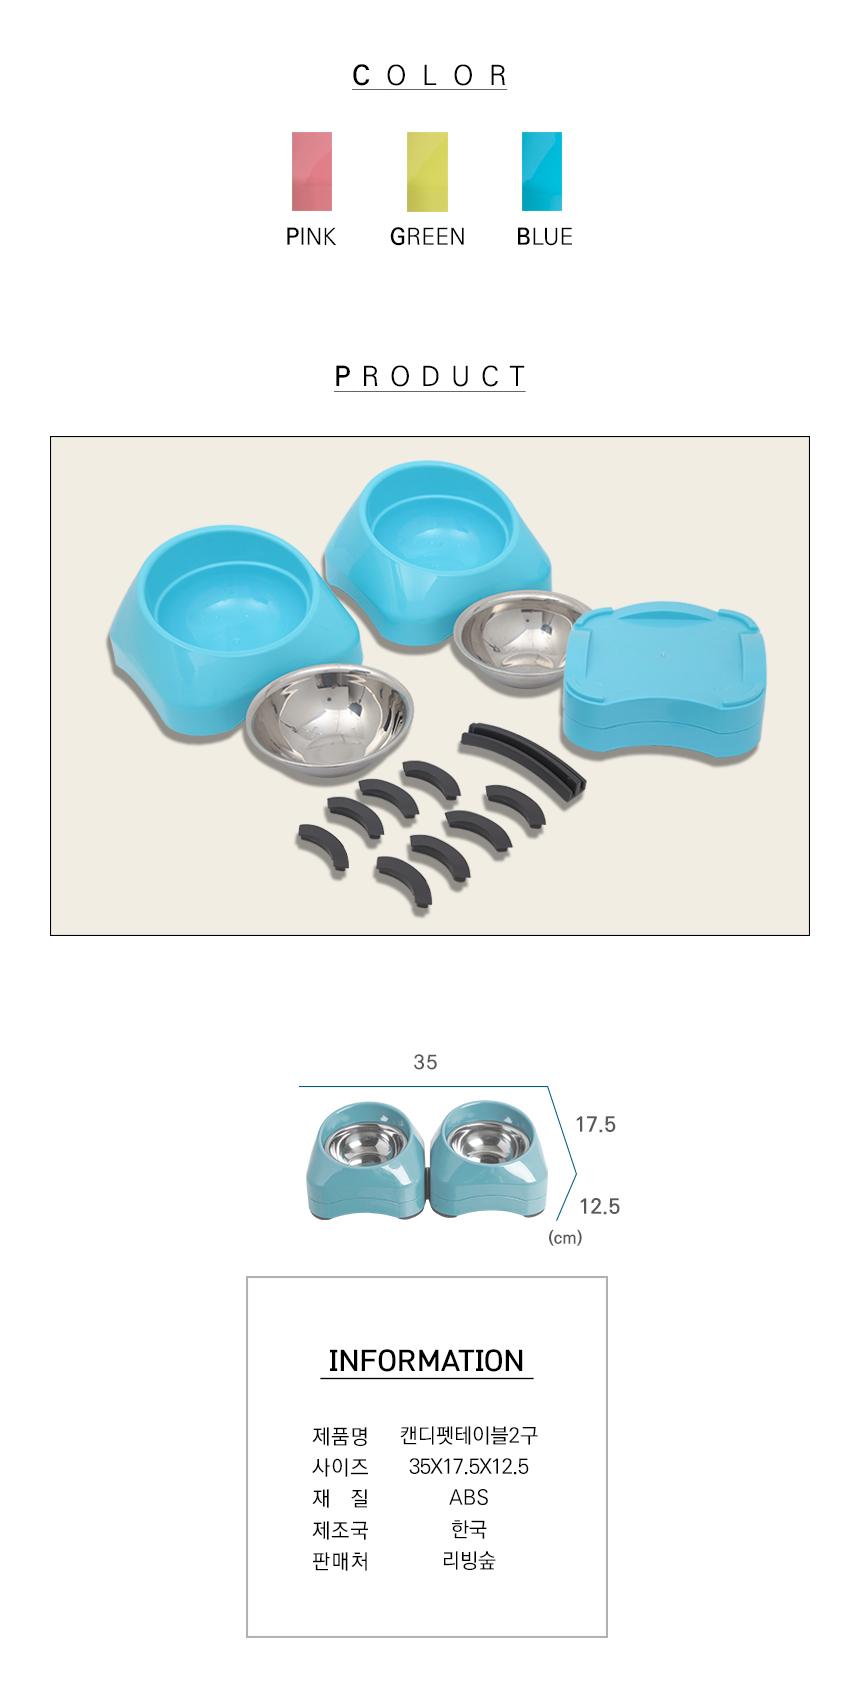 캔디 펫테이블 2구 - 리빙숲, 14,900원, 급수/급식기, 식기/식탁